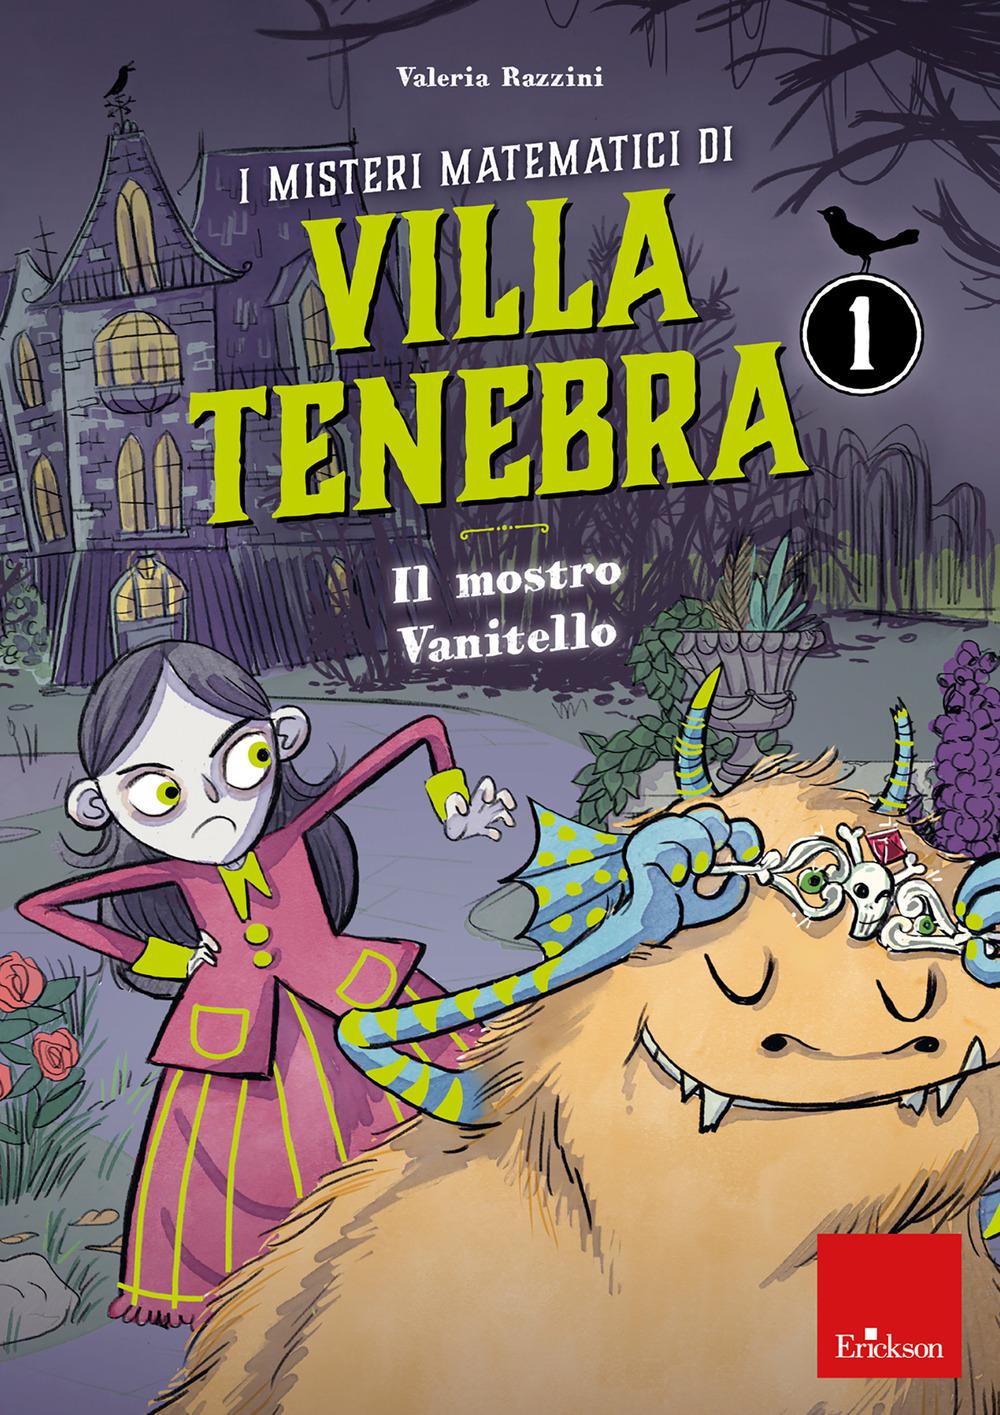 I misteri matematici di villa Tenebra. Vol. 1: Il mostro vanitello